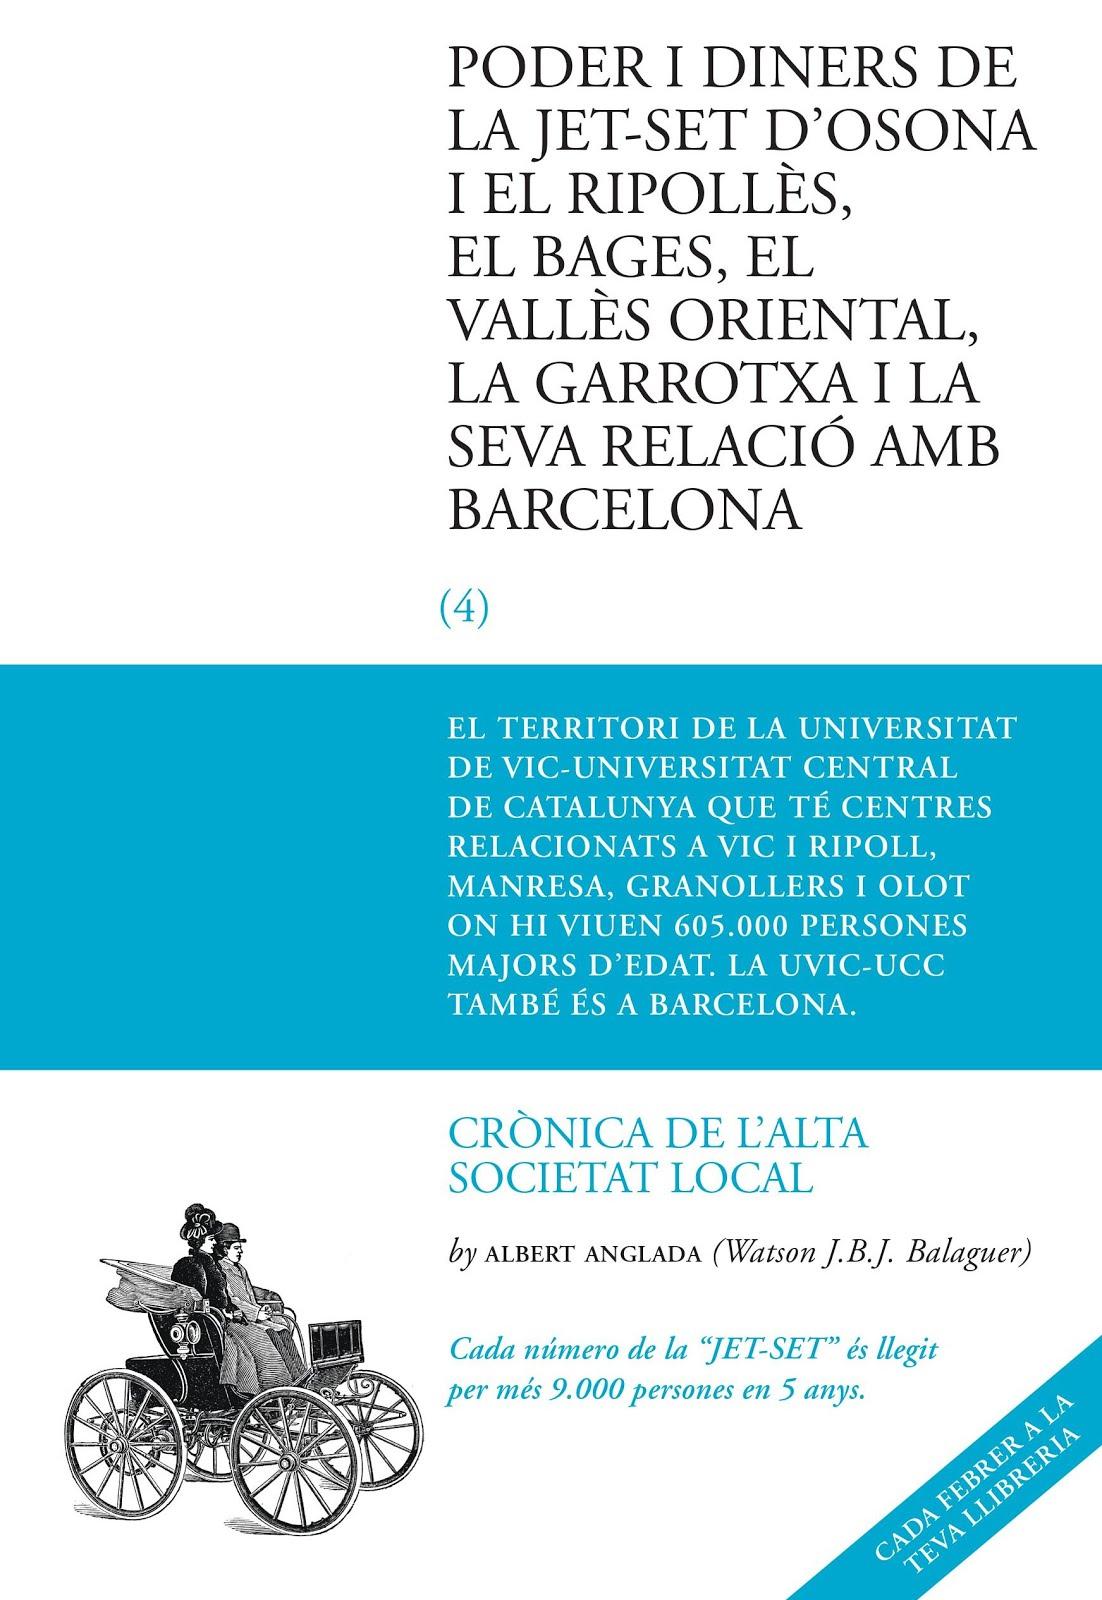 Poder i diners de la Jet-Set d'Osona i el Ripollès, el Bages, el Vallès oriental i la Garrotxa